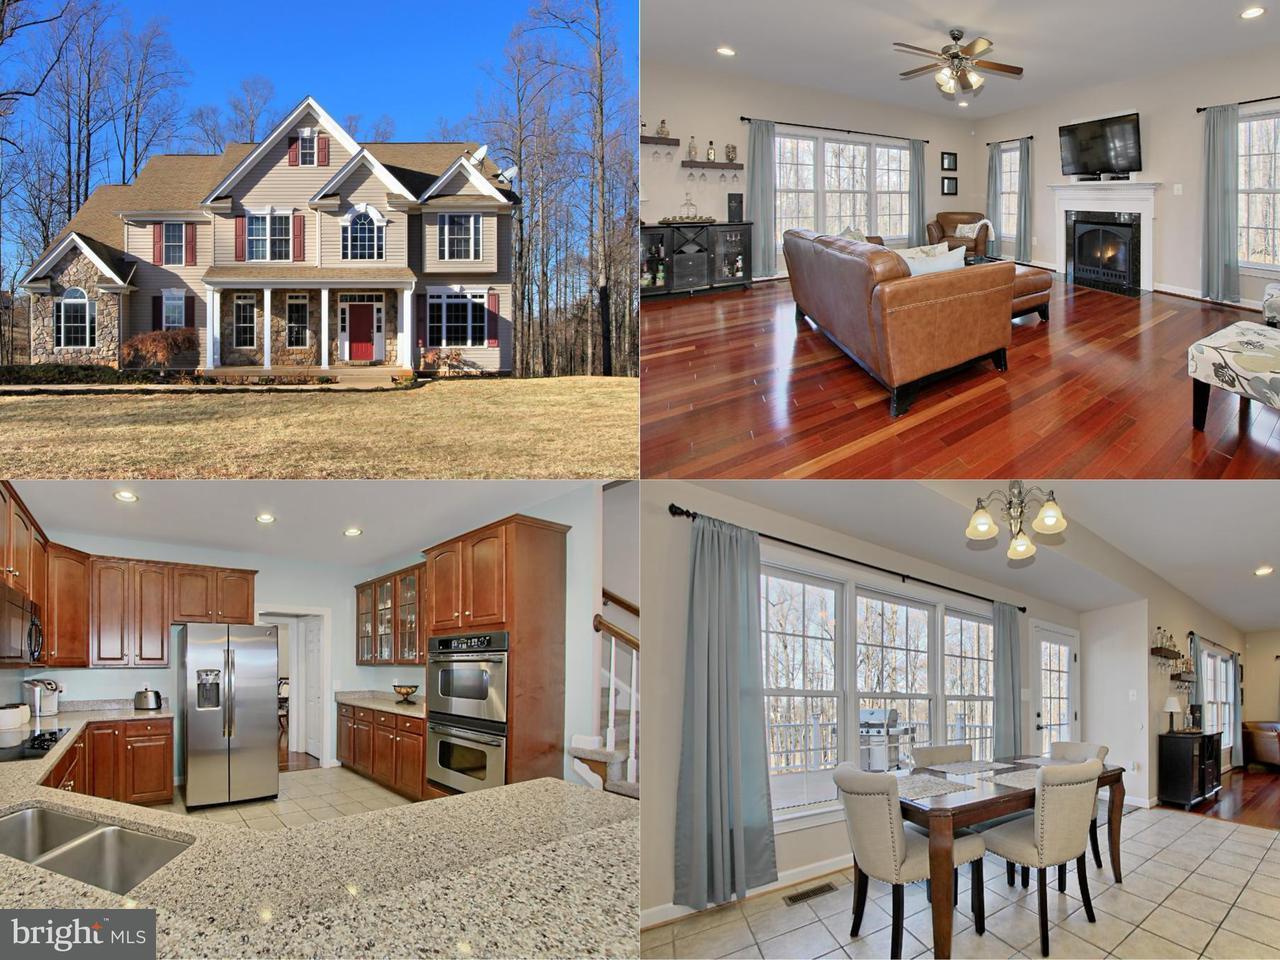 단독 가정 주택 용 매매 에 17107 REID HILL Drive 17107 REID HILL Drive Culpeper, 버지니아 22701 미국